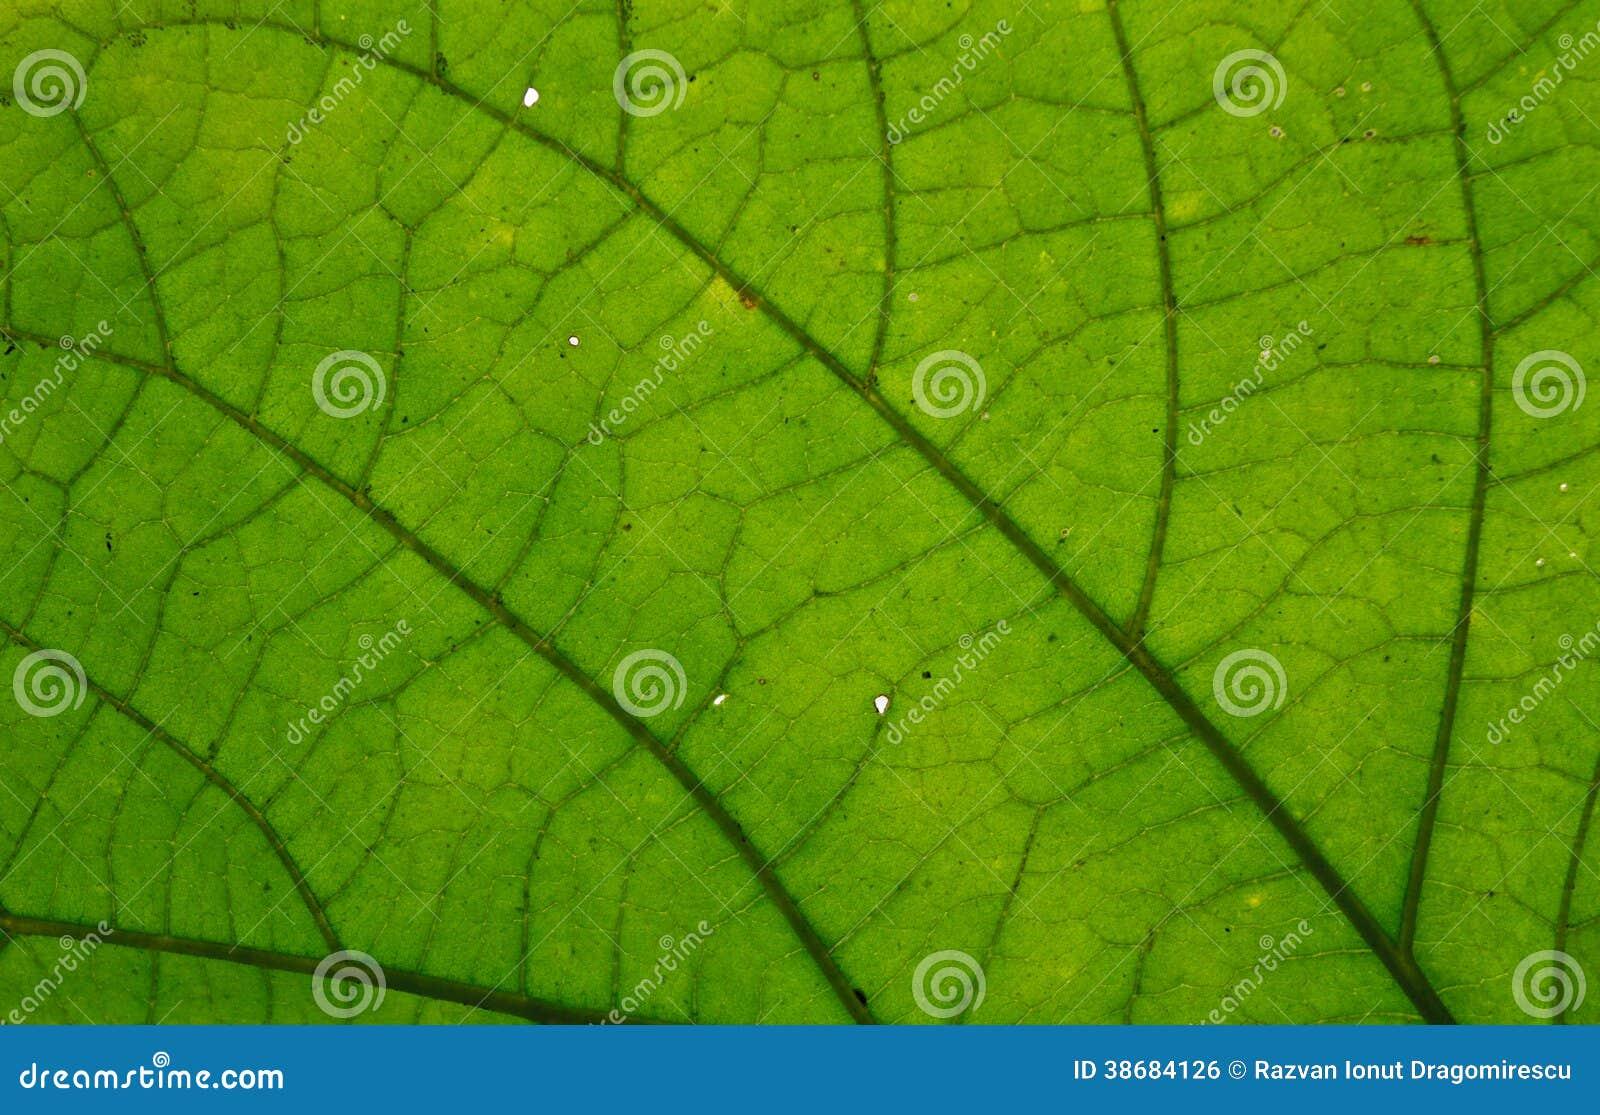 green leaf royalty free stock image image 38684126. Black Bedroom Furniture Sets. Home Design Ideas